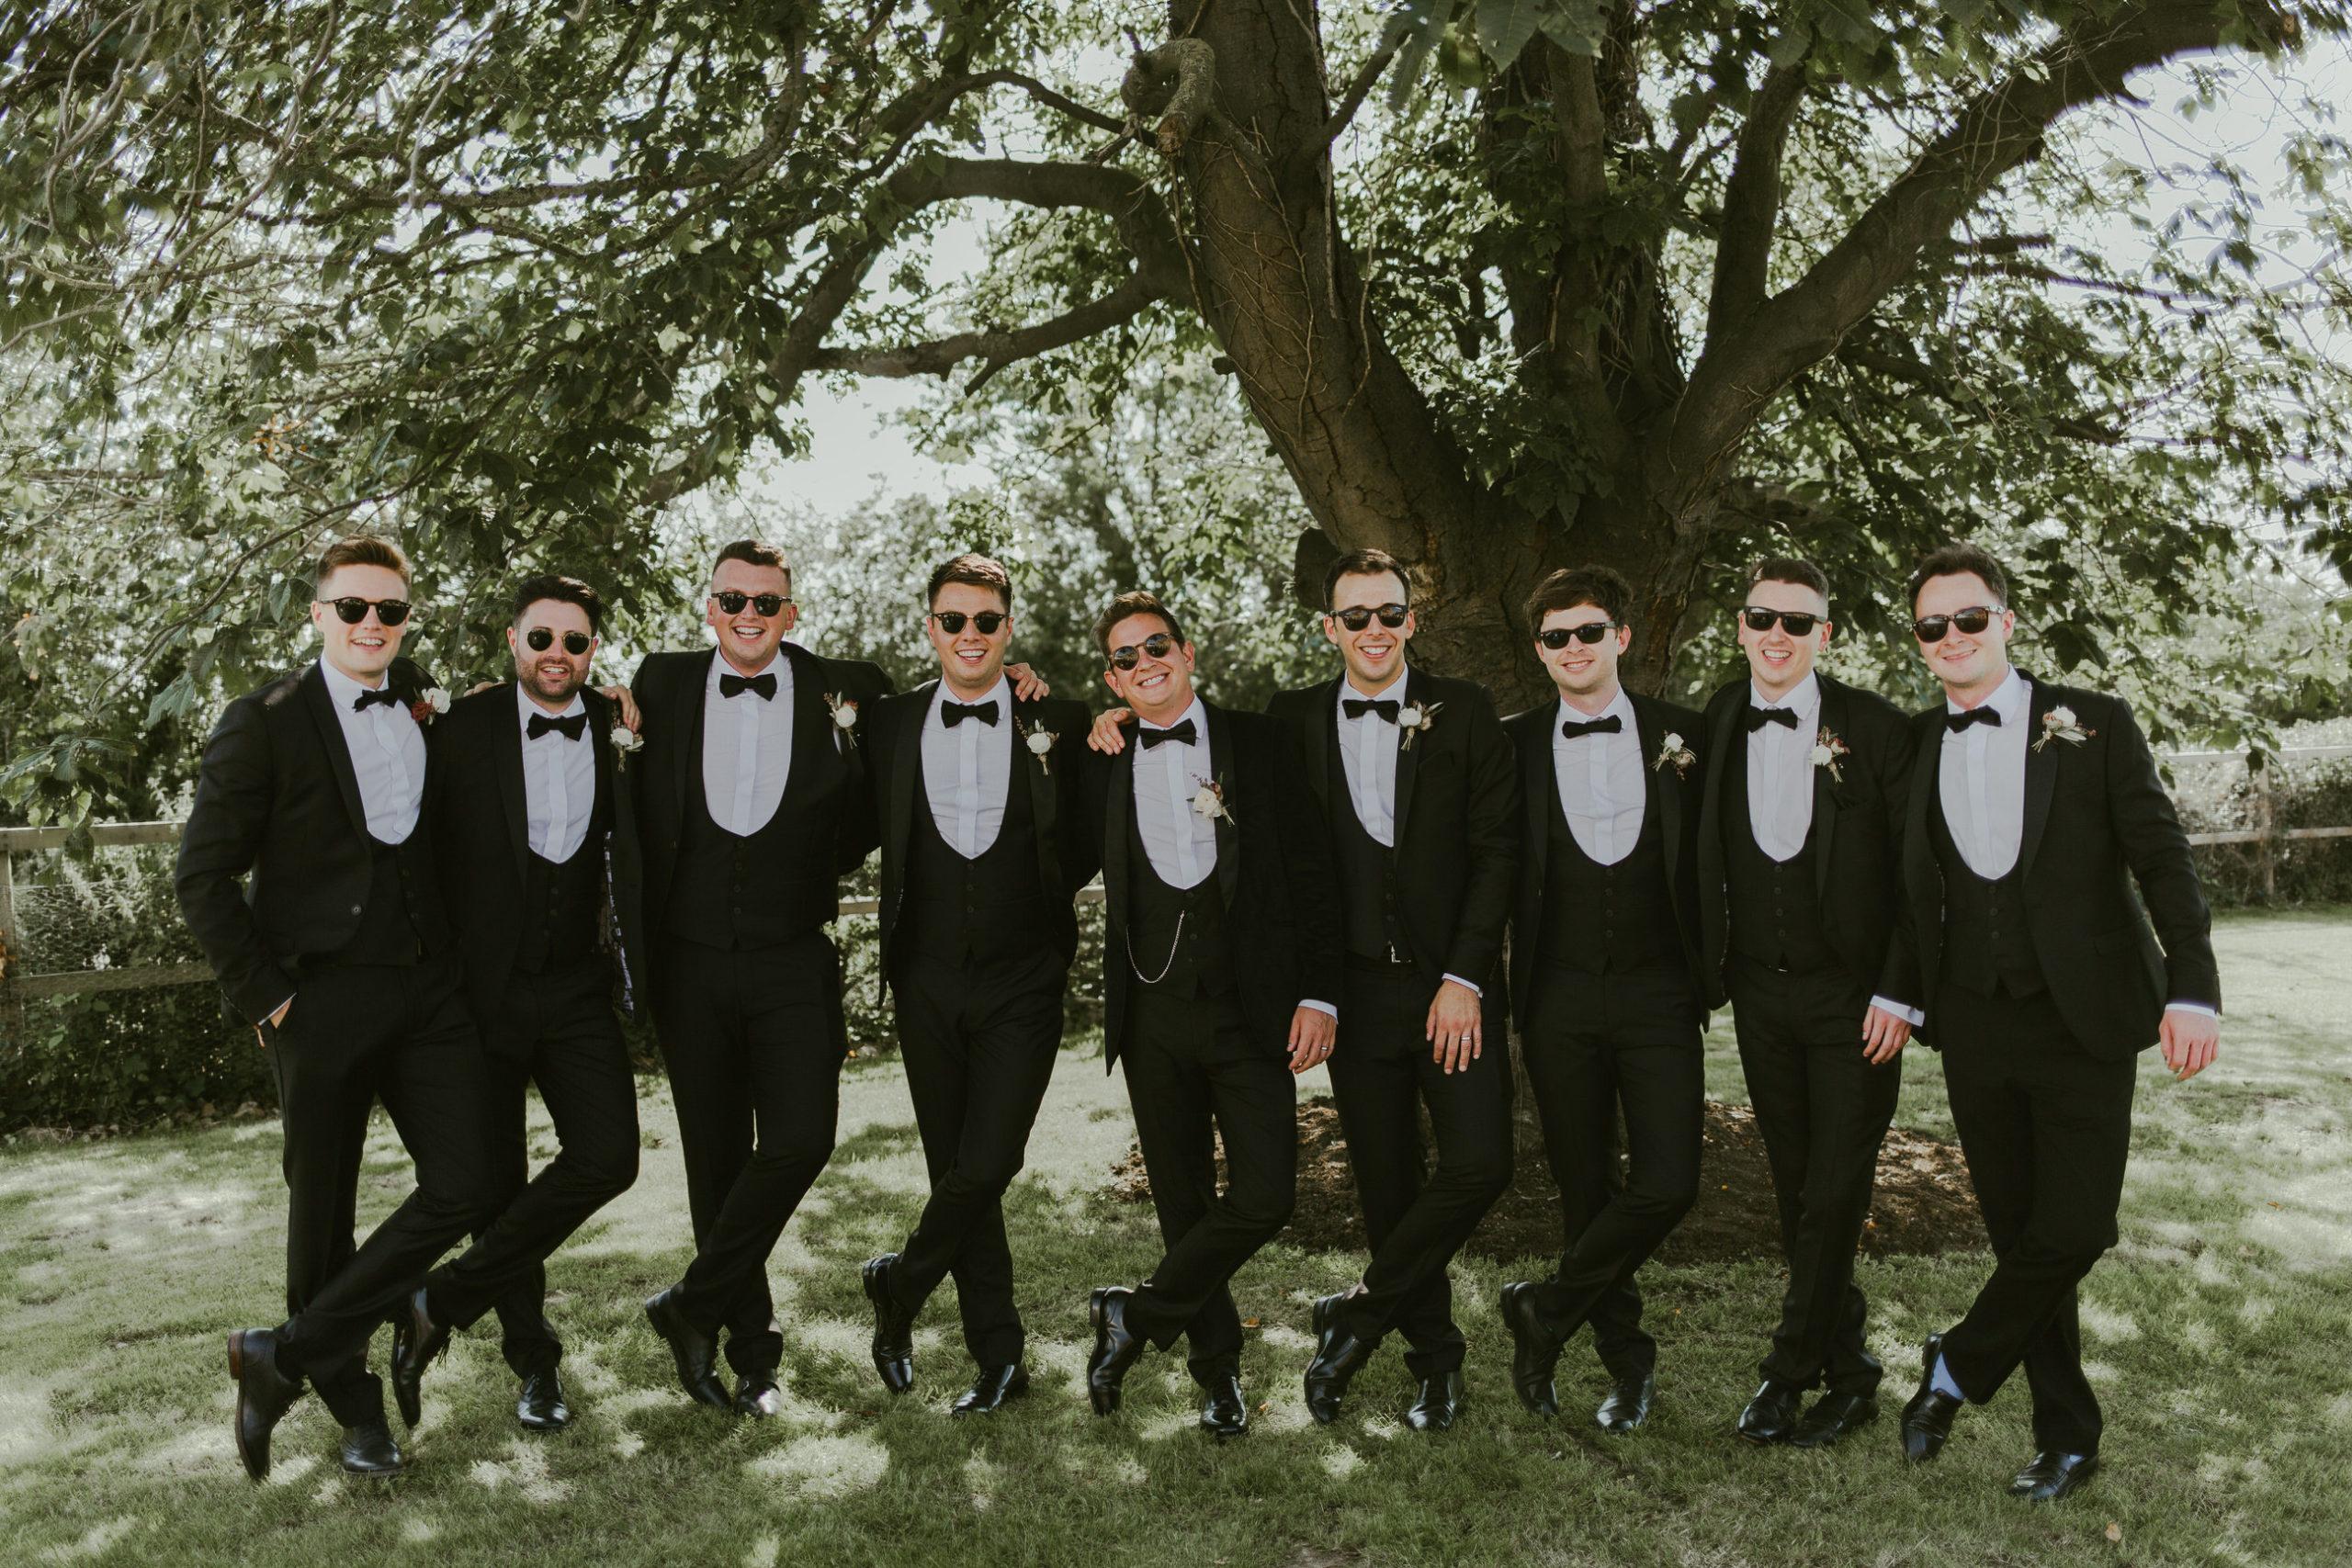 summer back garden wedding marquee groomsmen bridal party group photos